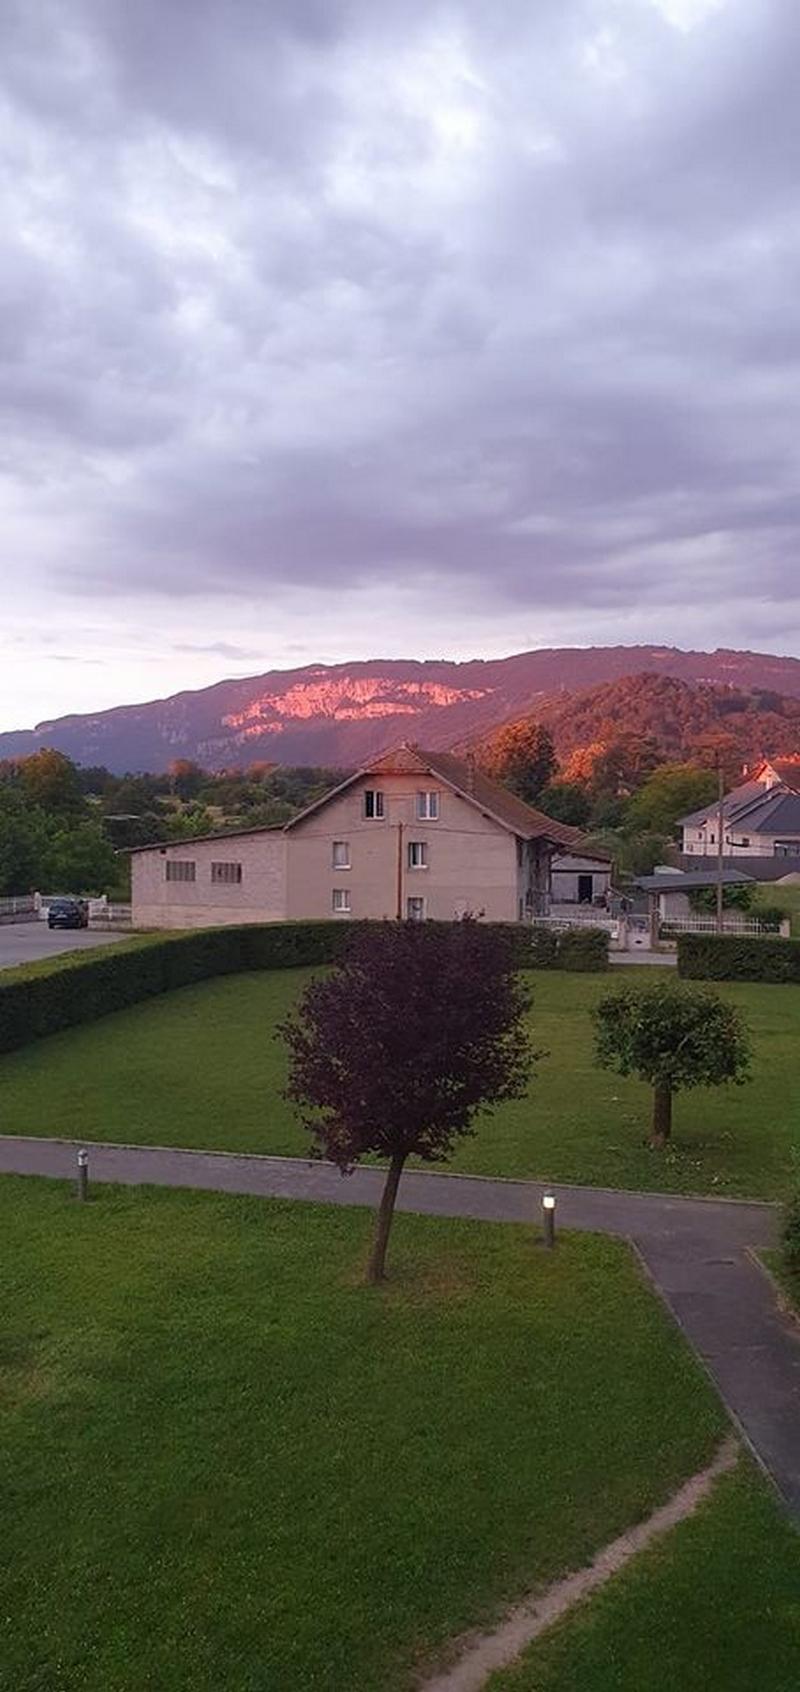 franciaorszag_saint_genix_les_villages_viktoria.jpg